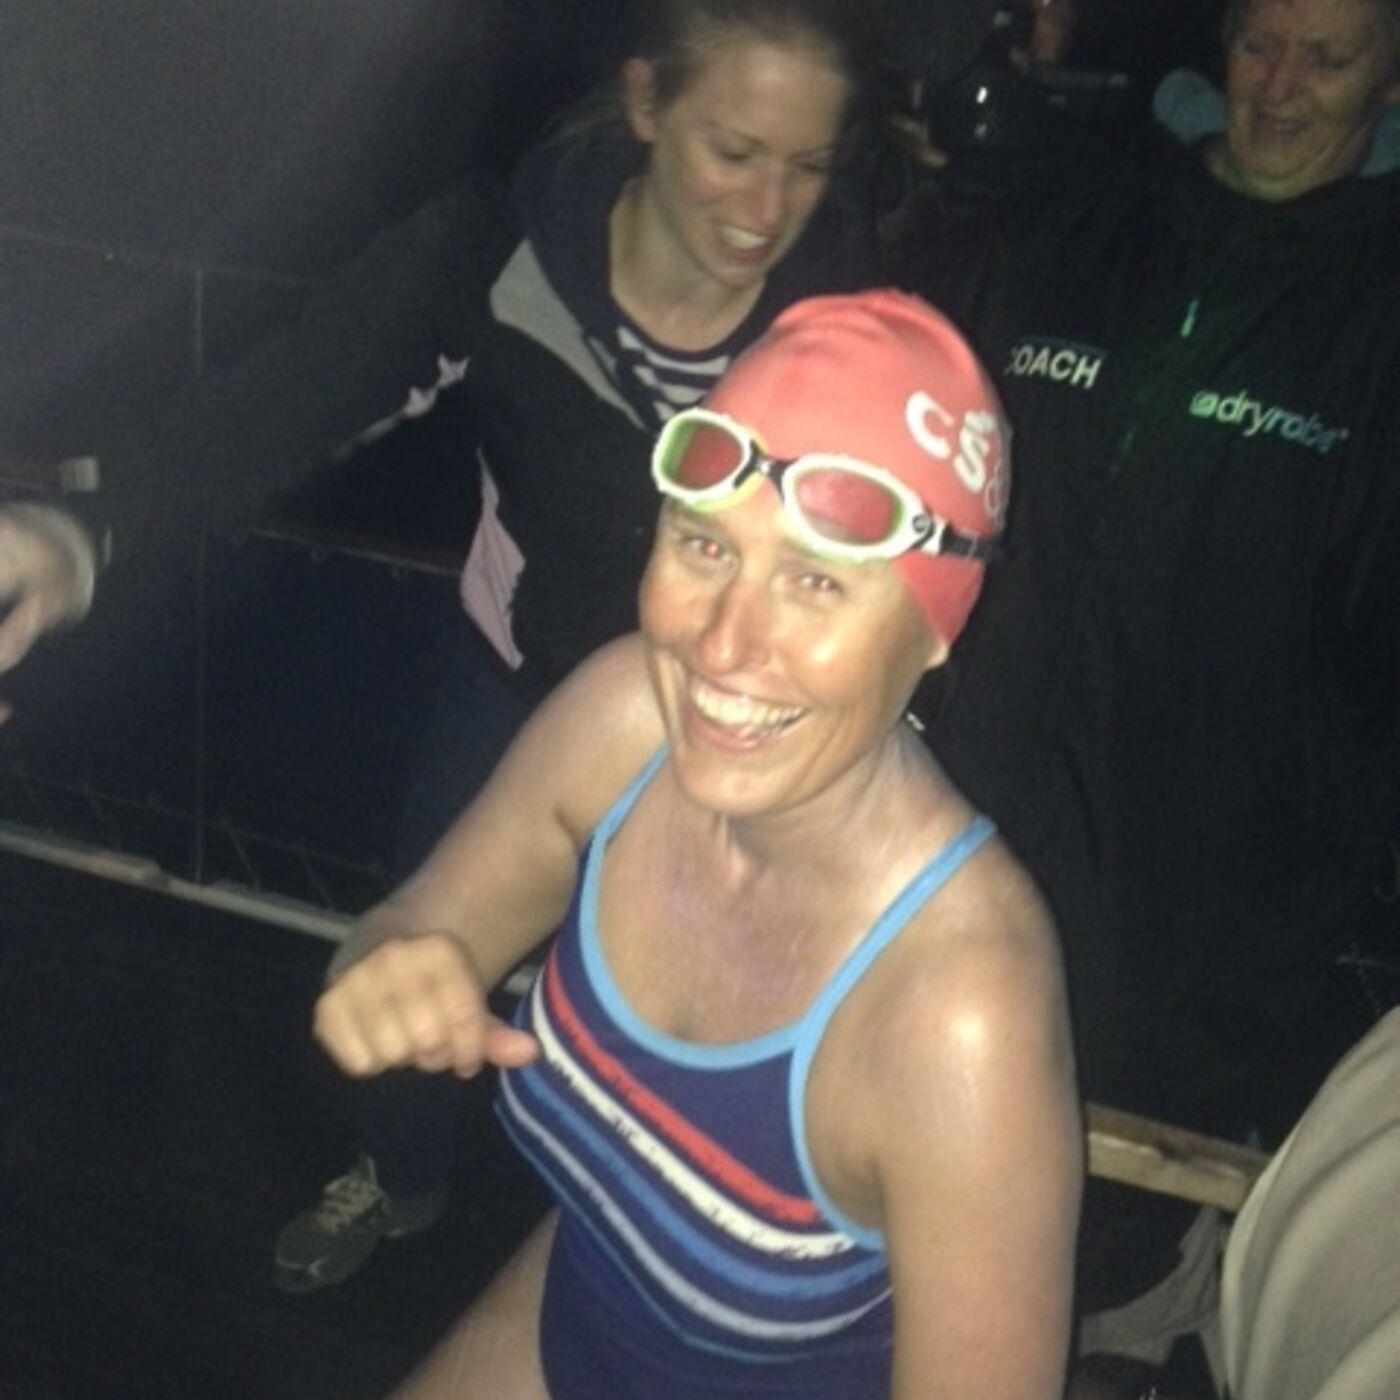 Jessica Hepburn's Marathon Swim Story